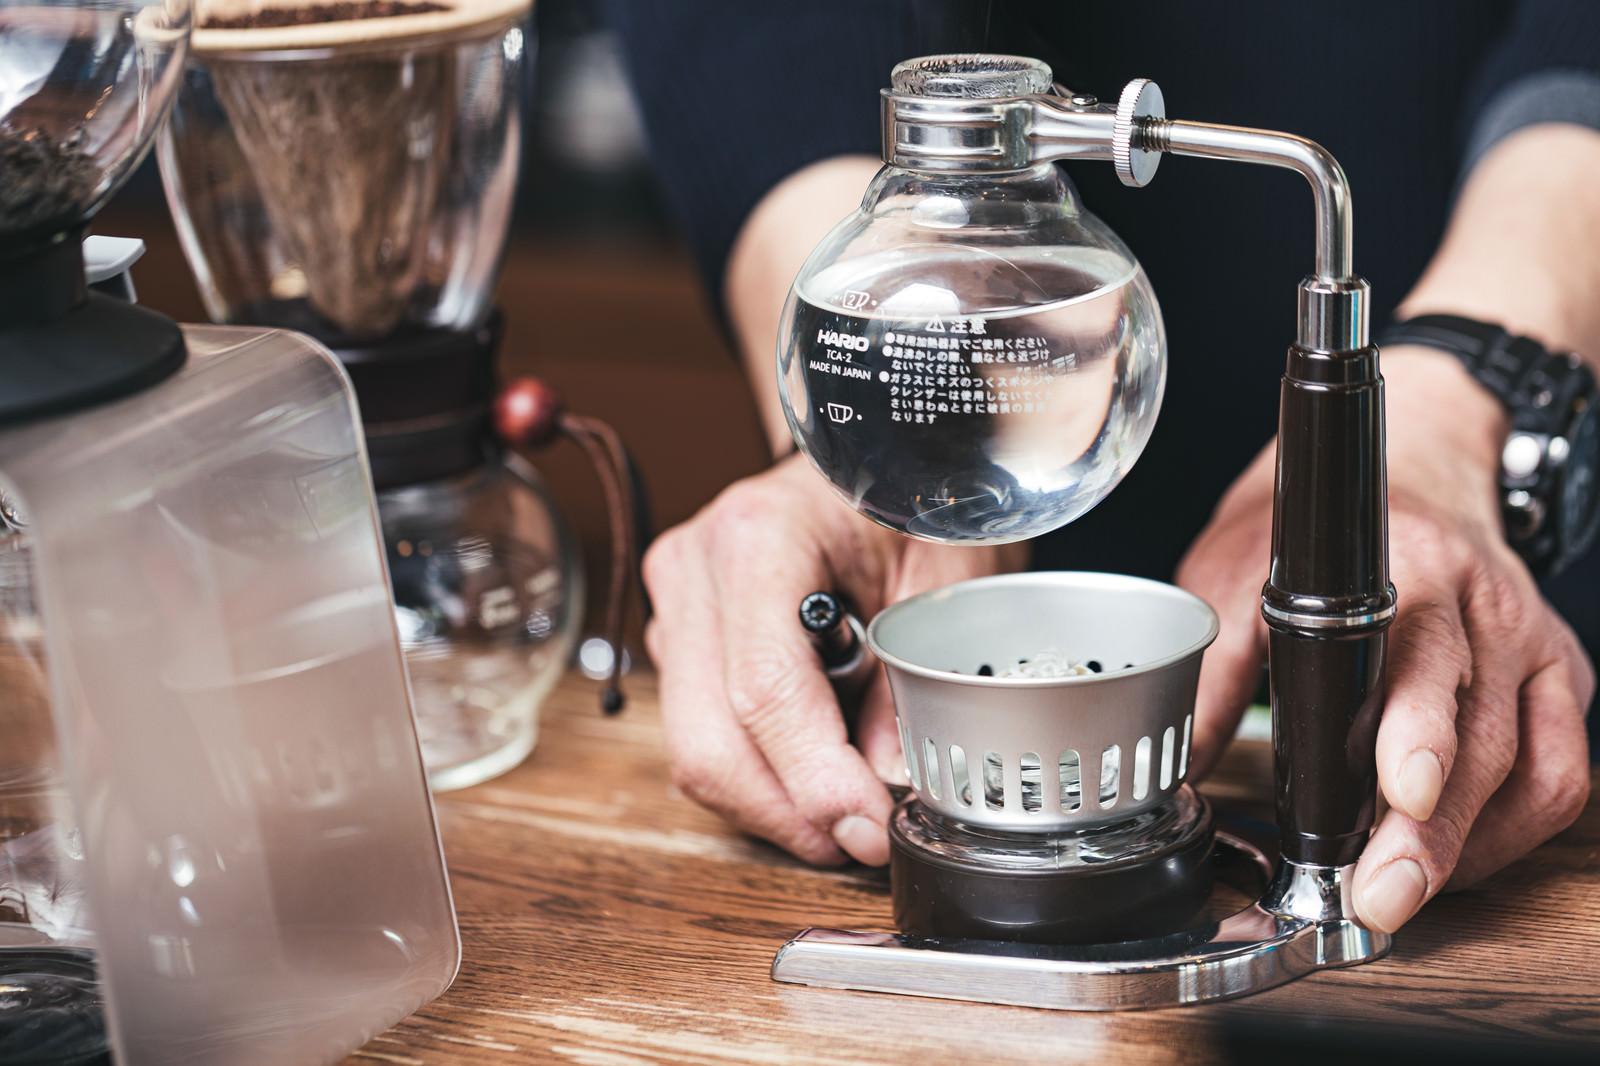 「サイフォンでお湯を沸かす様子」の写真